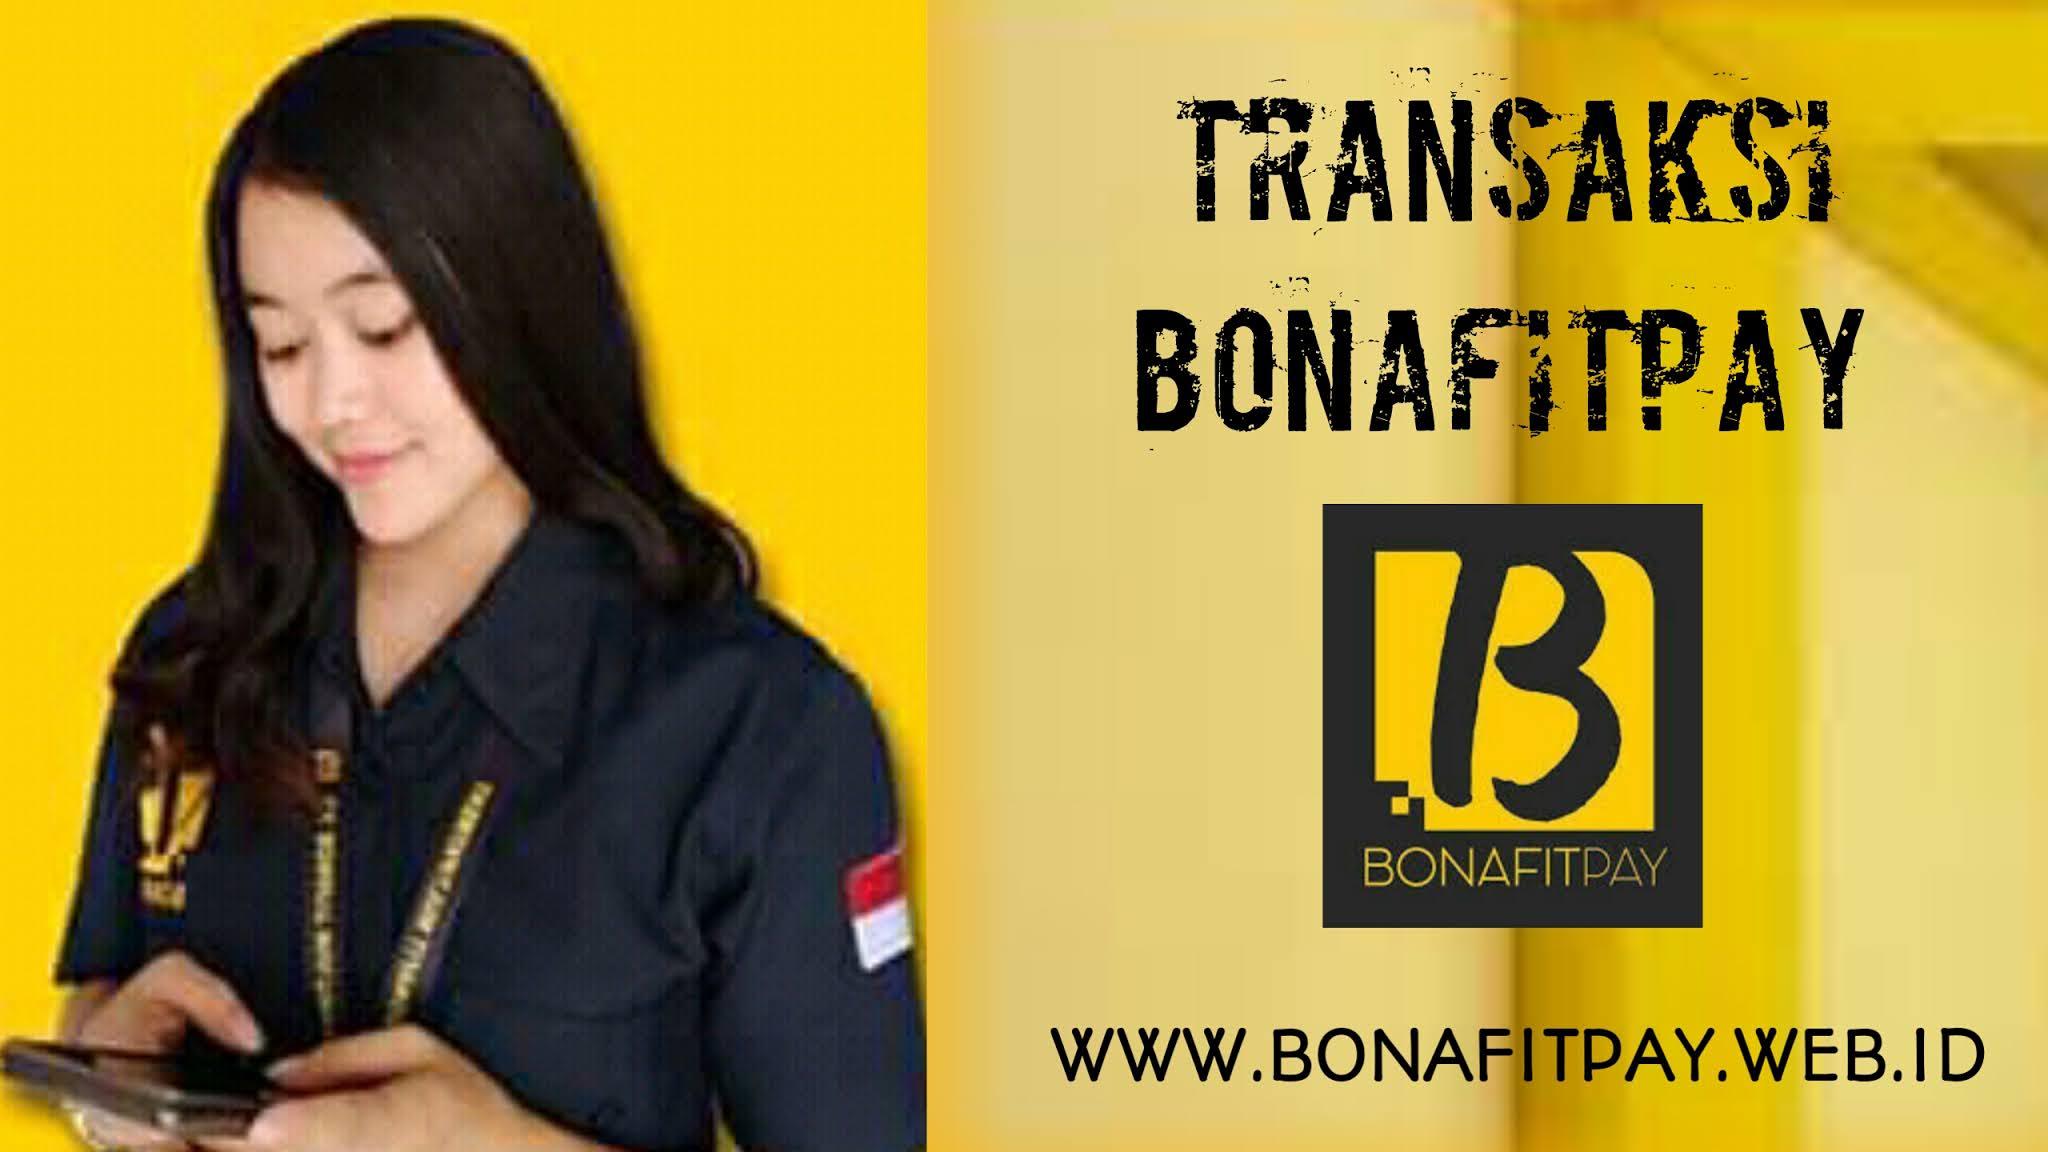 Transaksi Bonafitpay